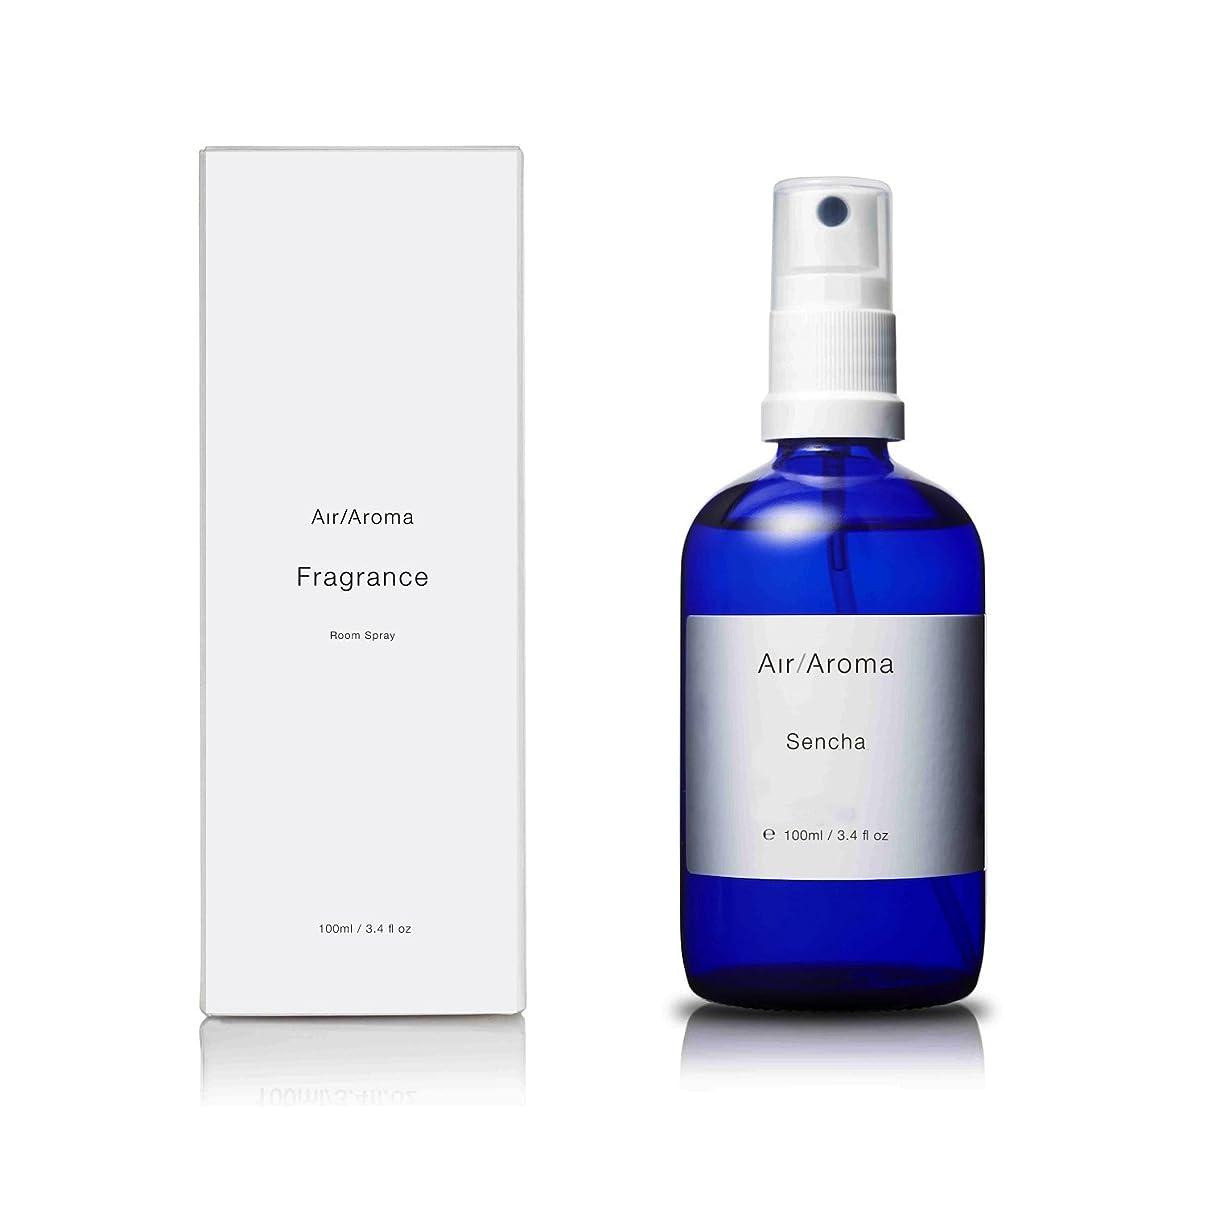 おとうさんカリング安定しましたエアアロマ sencha room fragrance(センチャ ルームフレグランス)100ml